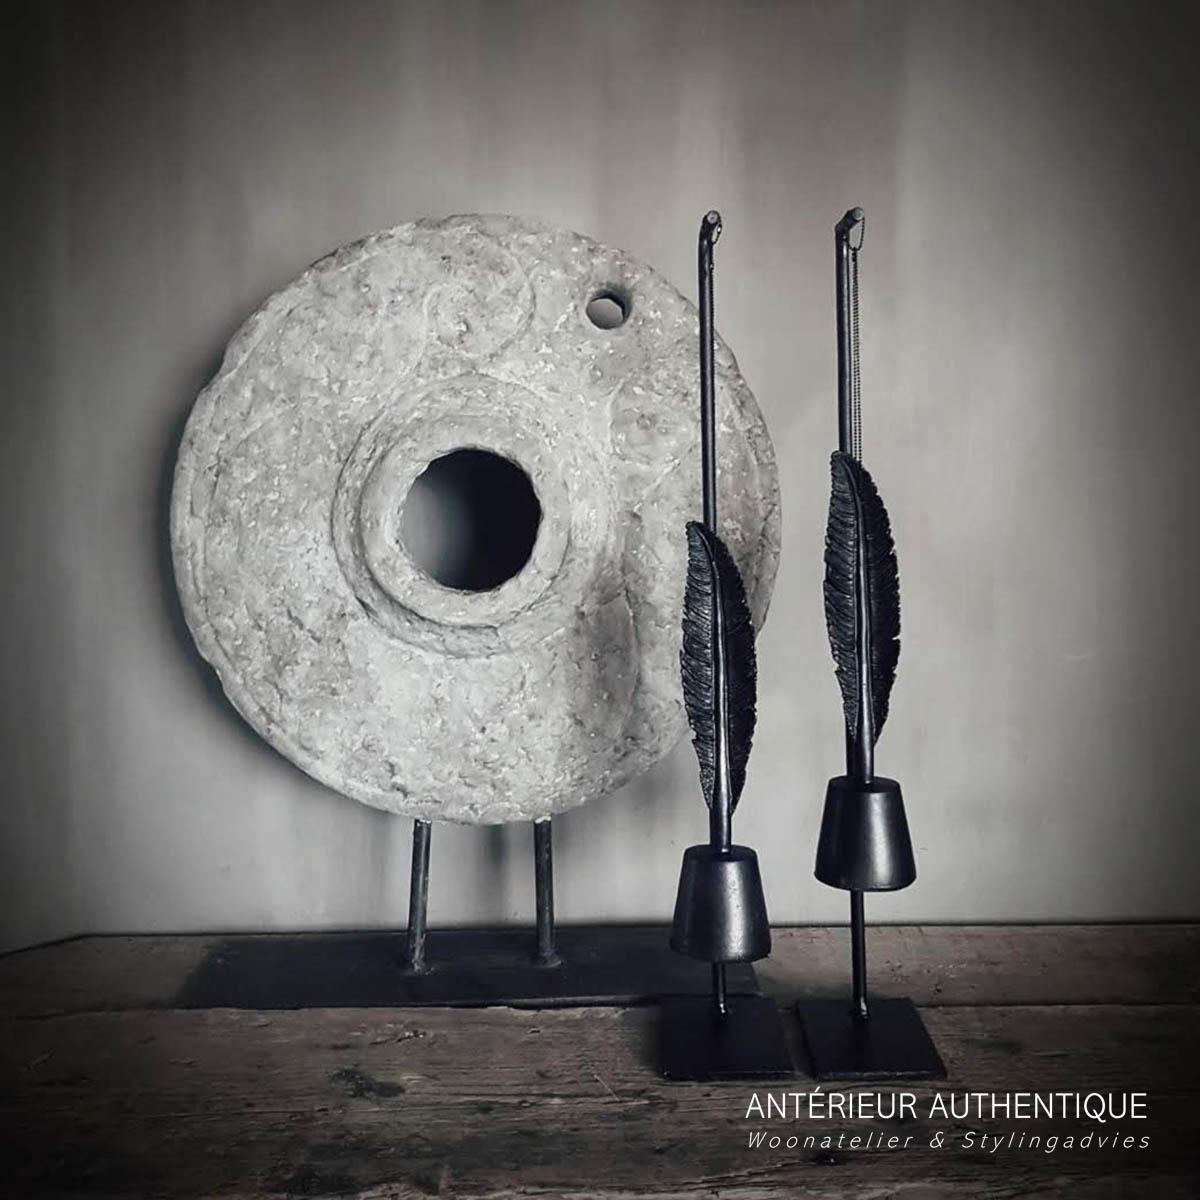 Afbeelding van set-up hanger met veer voor molensteen ornament op schouw voor gebruik in de Antérieur Authentique webshop